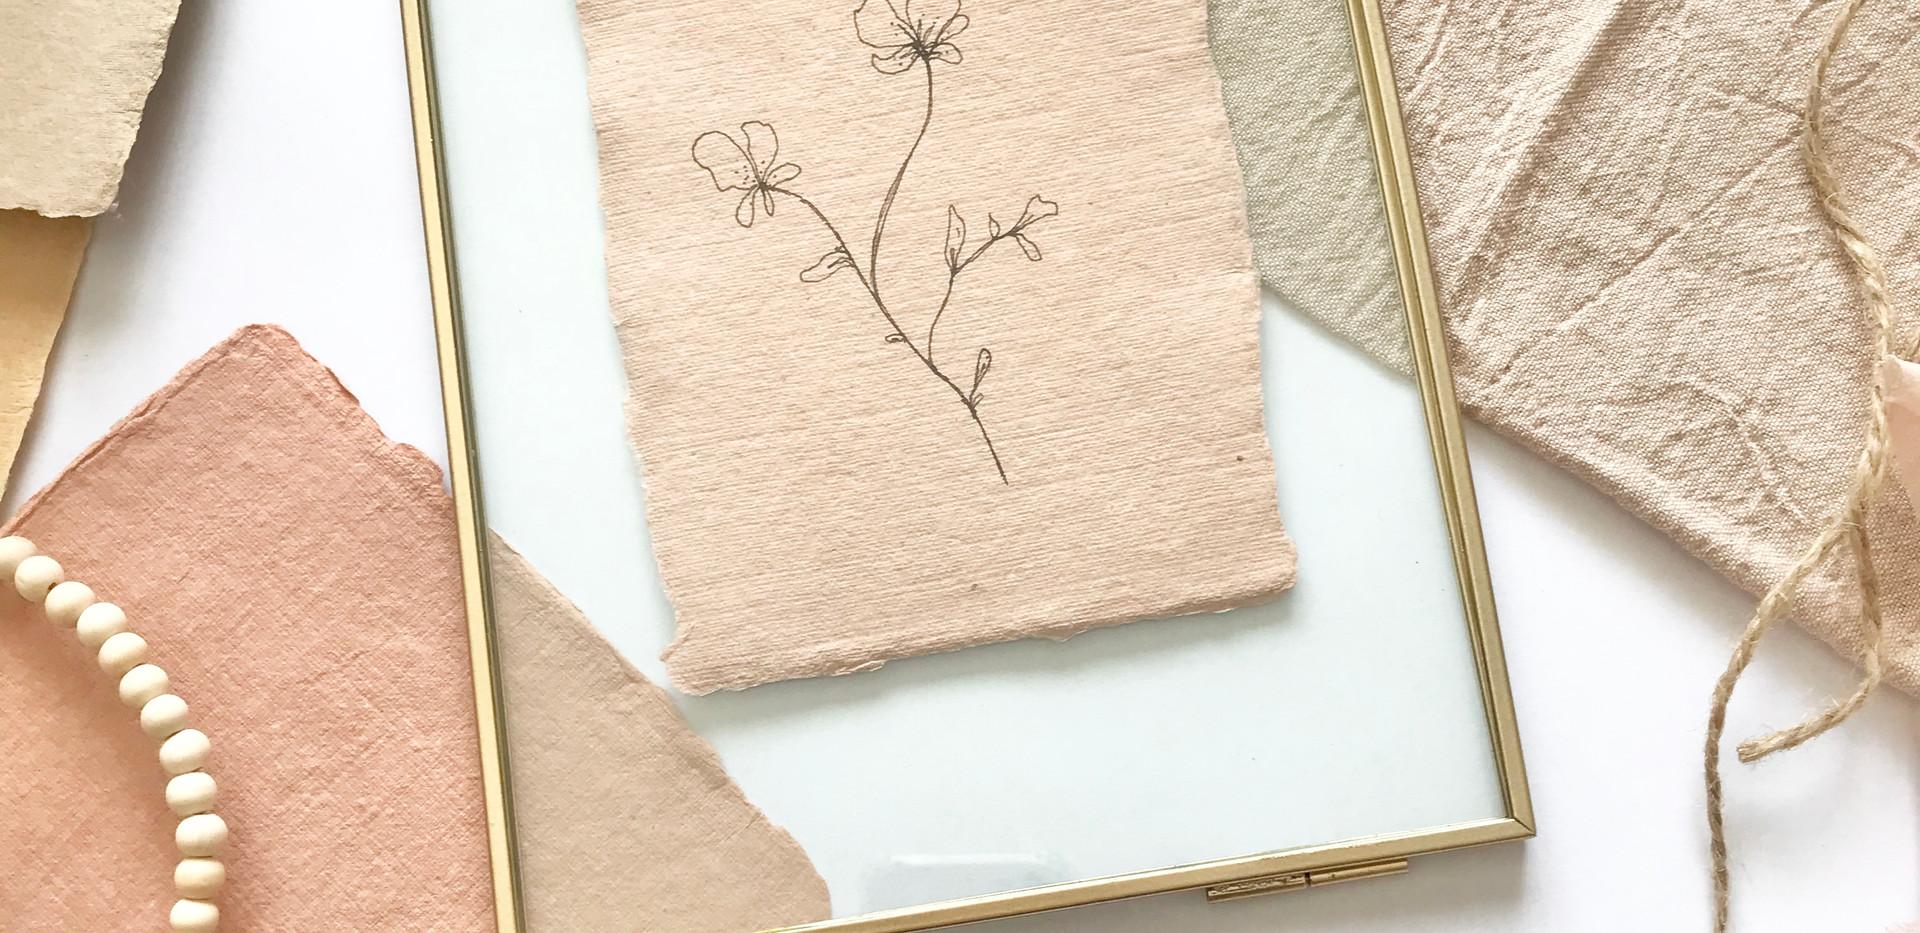 Floral illustration framed